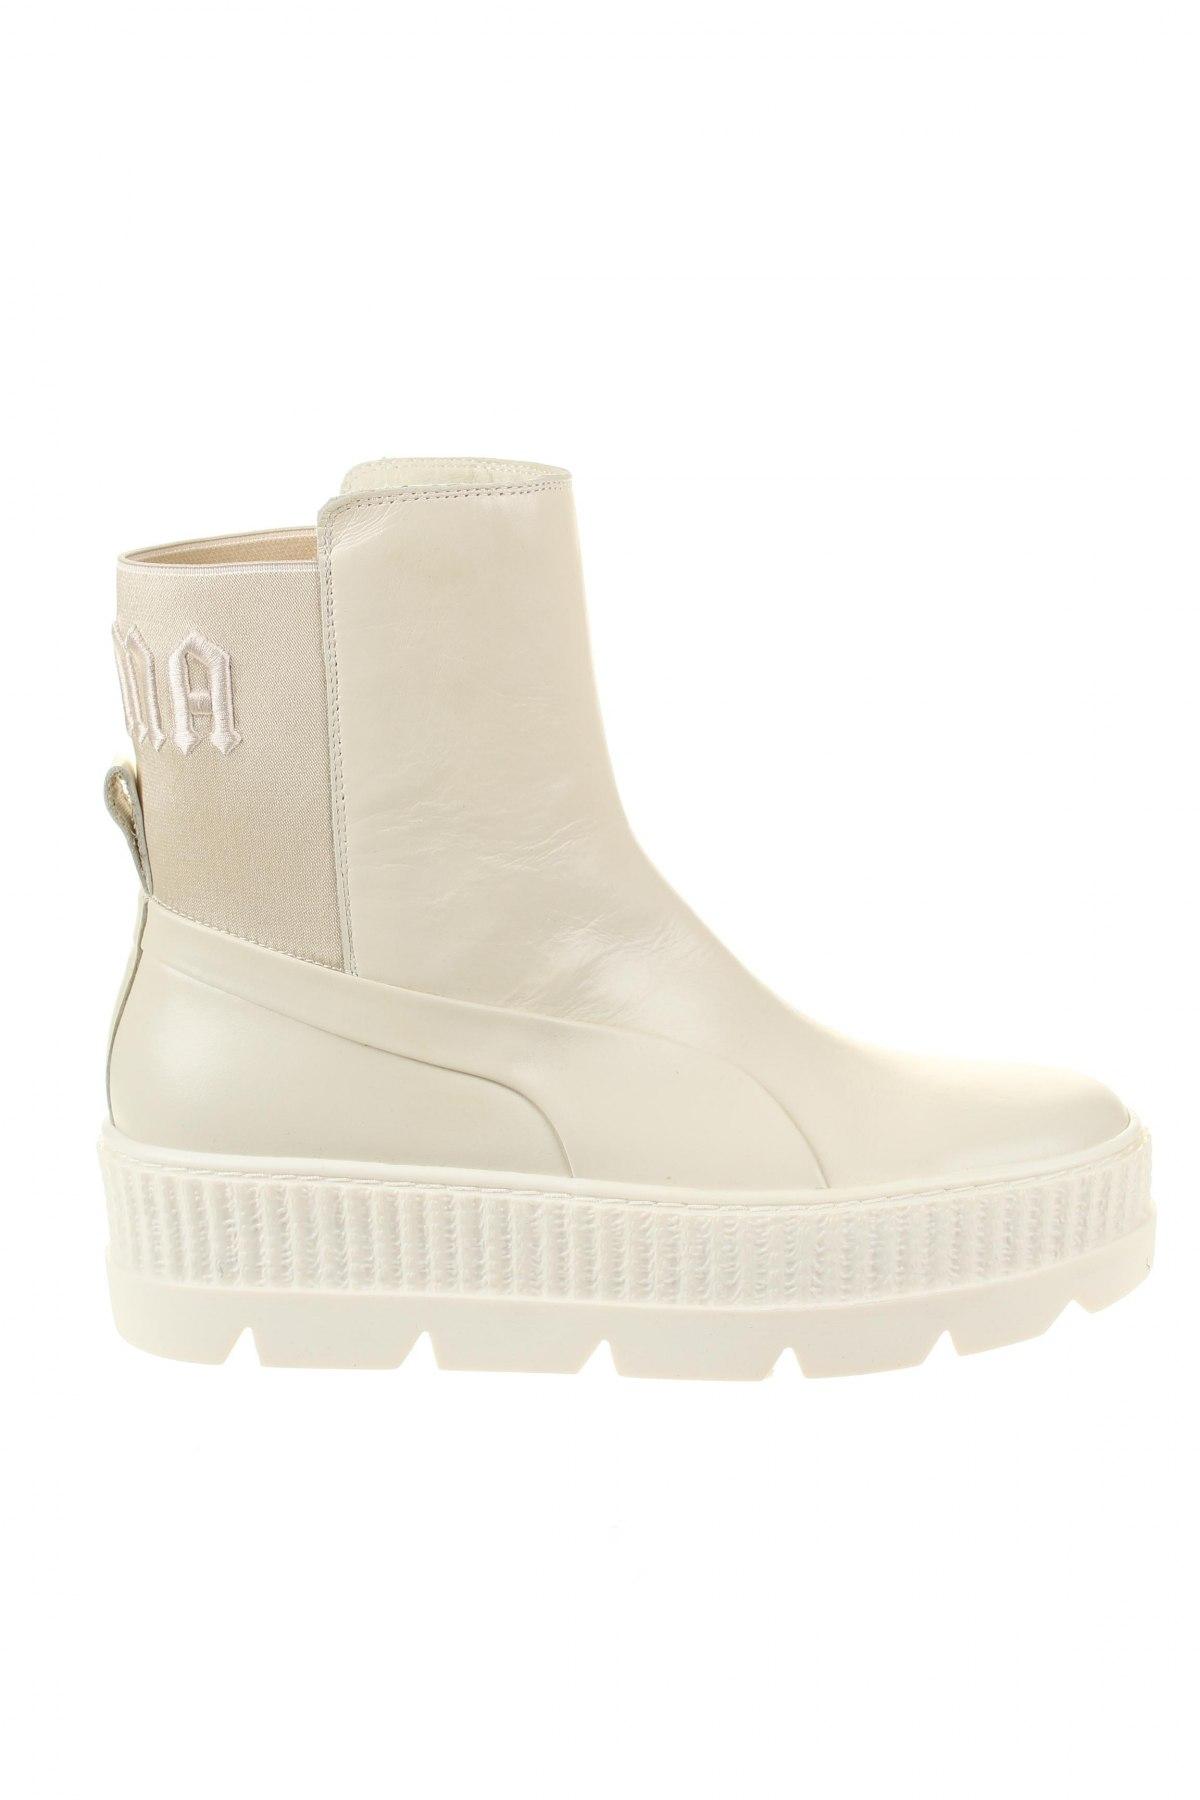 Dámske topánky  Fenty Puma by Rihanna